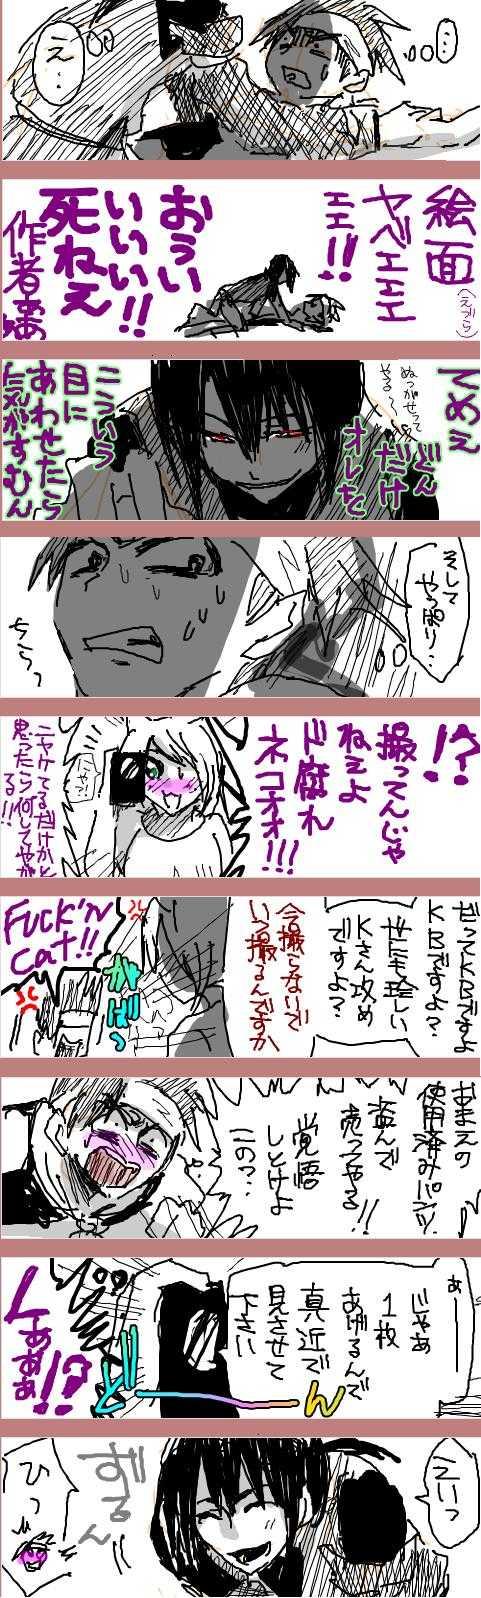 2011/09/08 「幼児化Kさん×B」